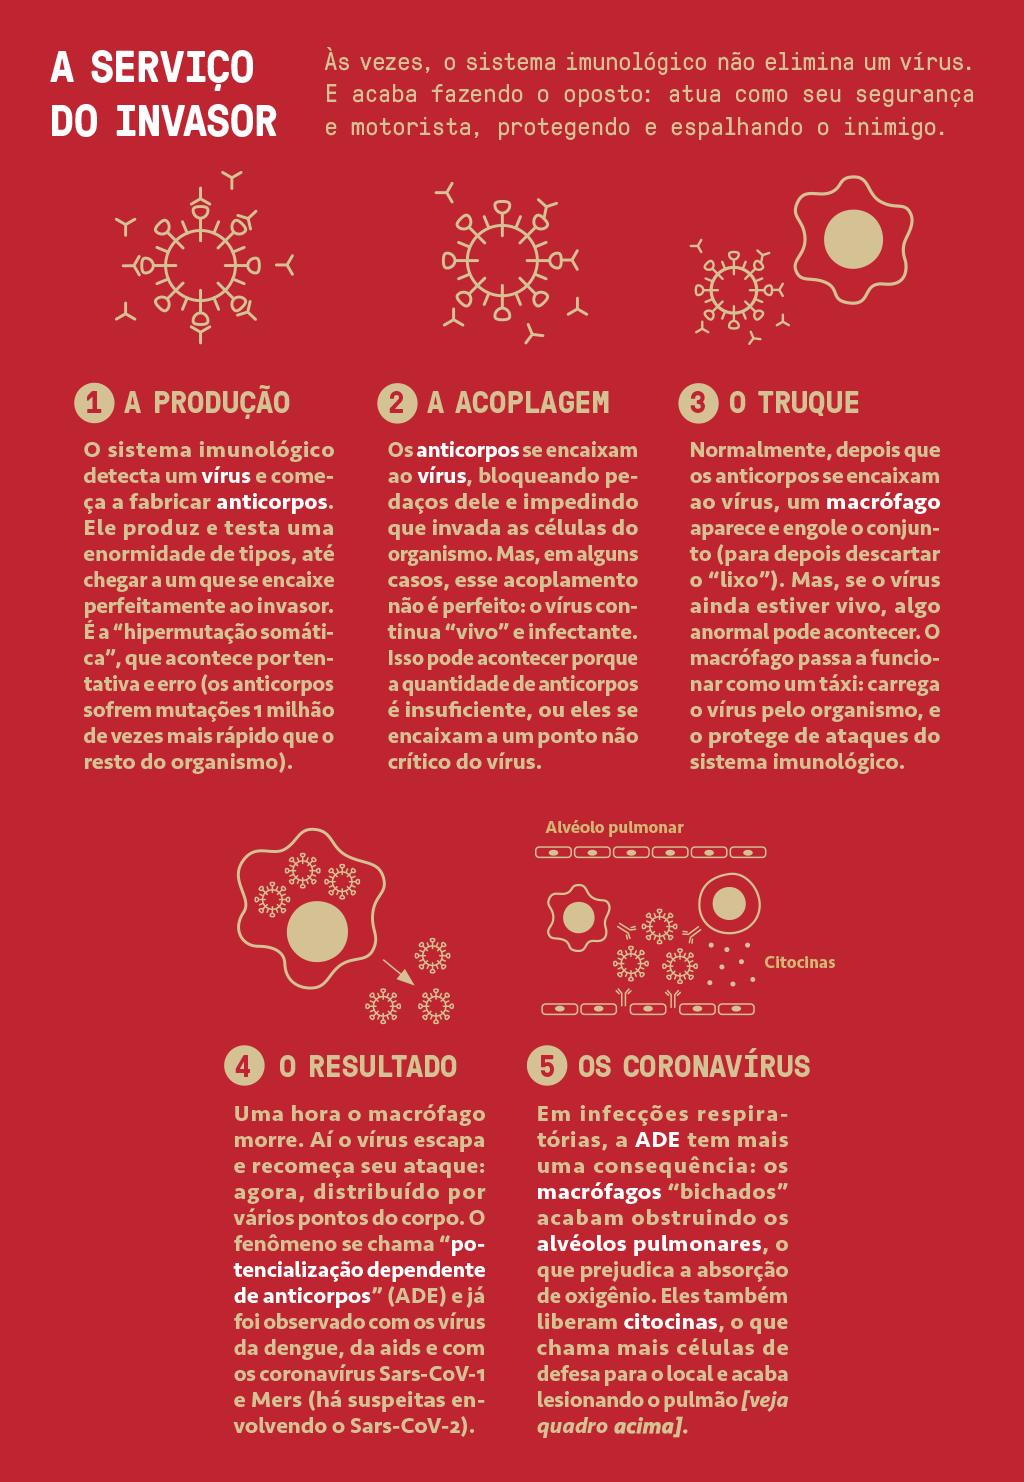 Infográfico mostrando como, às vezes, o sistema imunológico não elimina um vírus, mas ajuda a protegê-lo e espalhá-lo mais ainda.